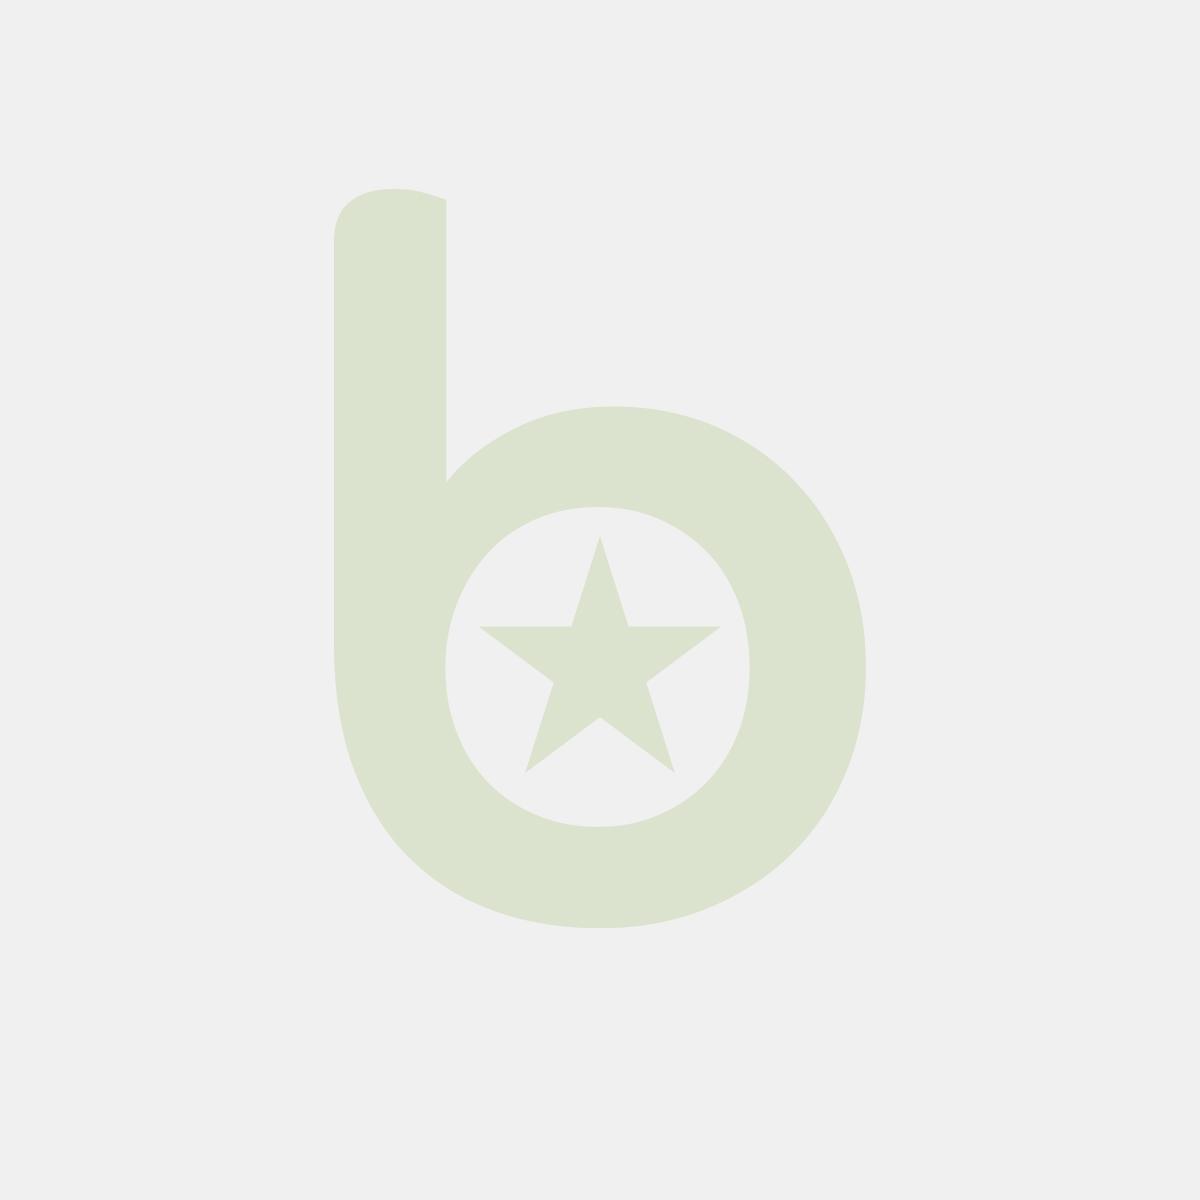 Etykieta 55x43 termoczułe (k/40) 600 etykiet